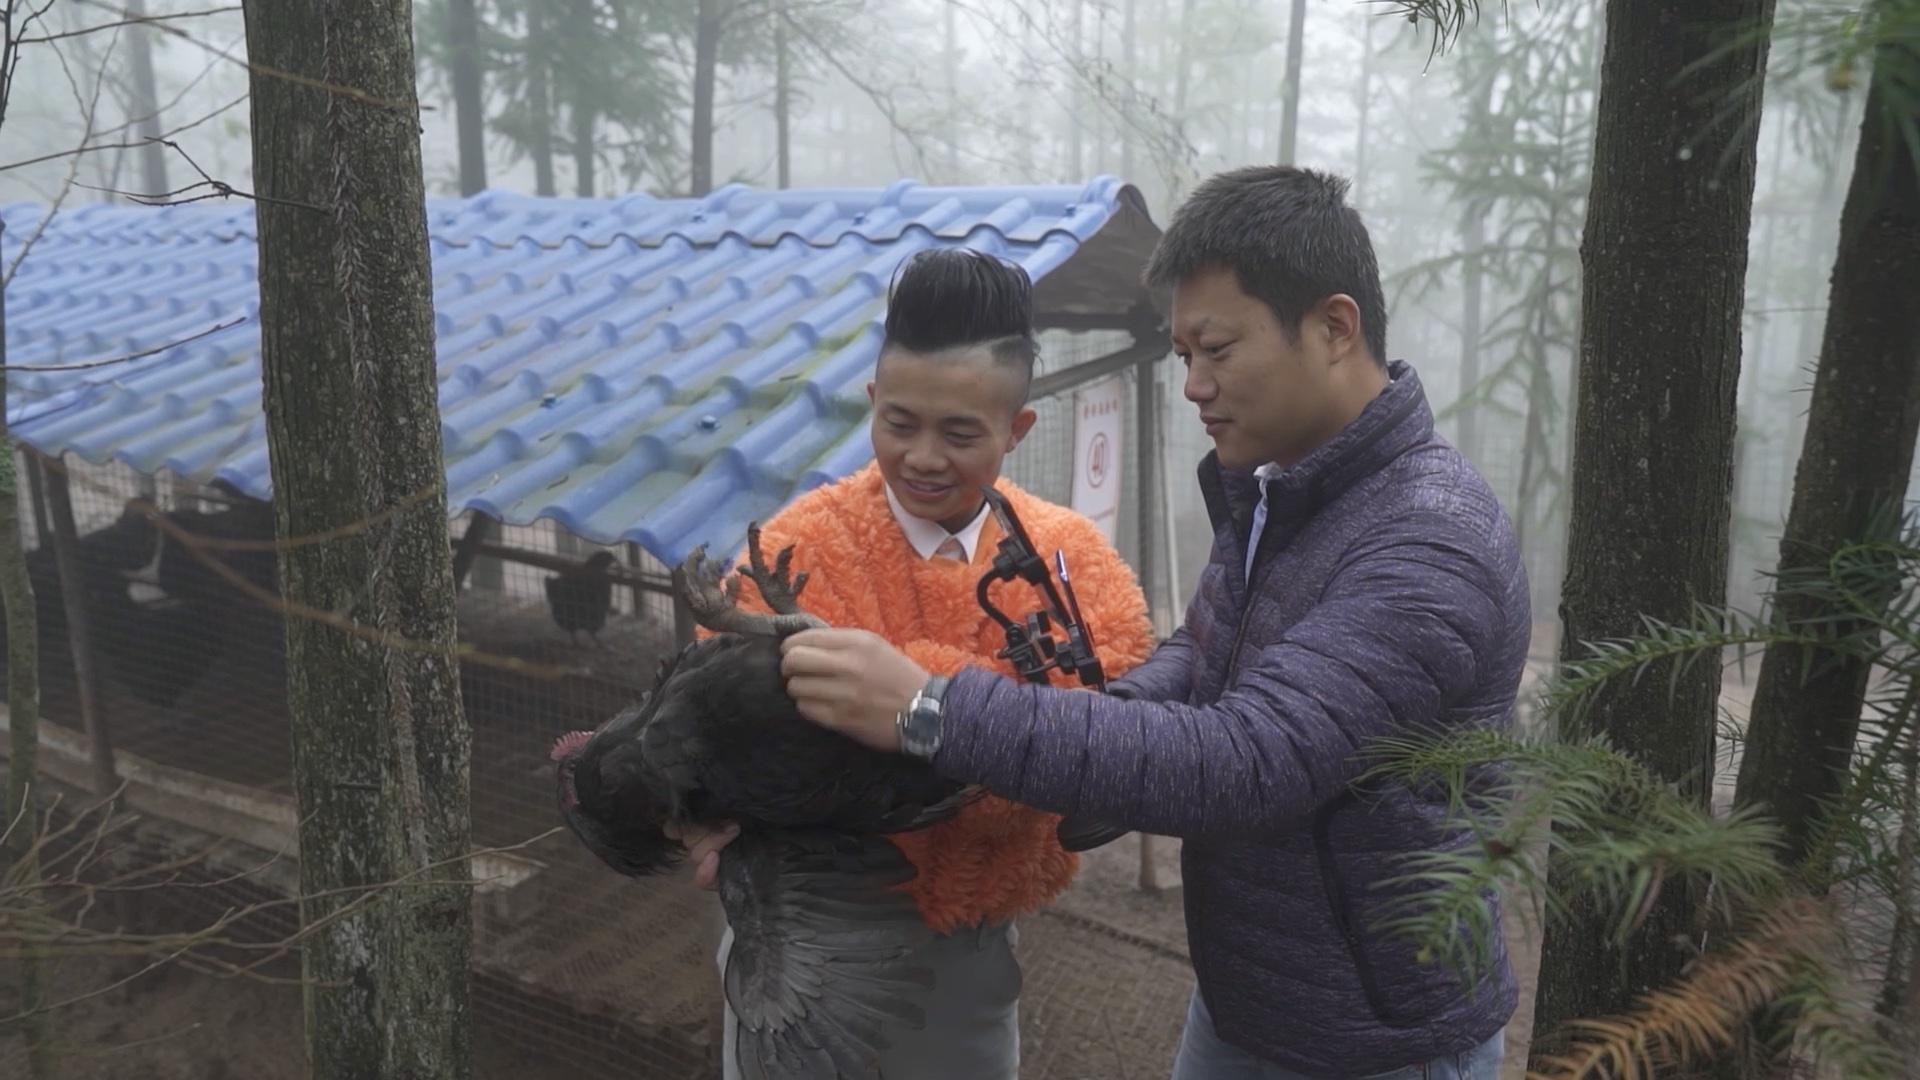 李榮富和阿里巴巴特派員牛少龍在淘寶直播賣烏雞。